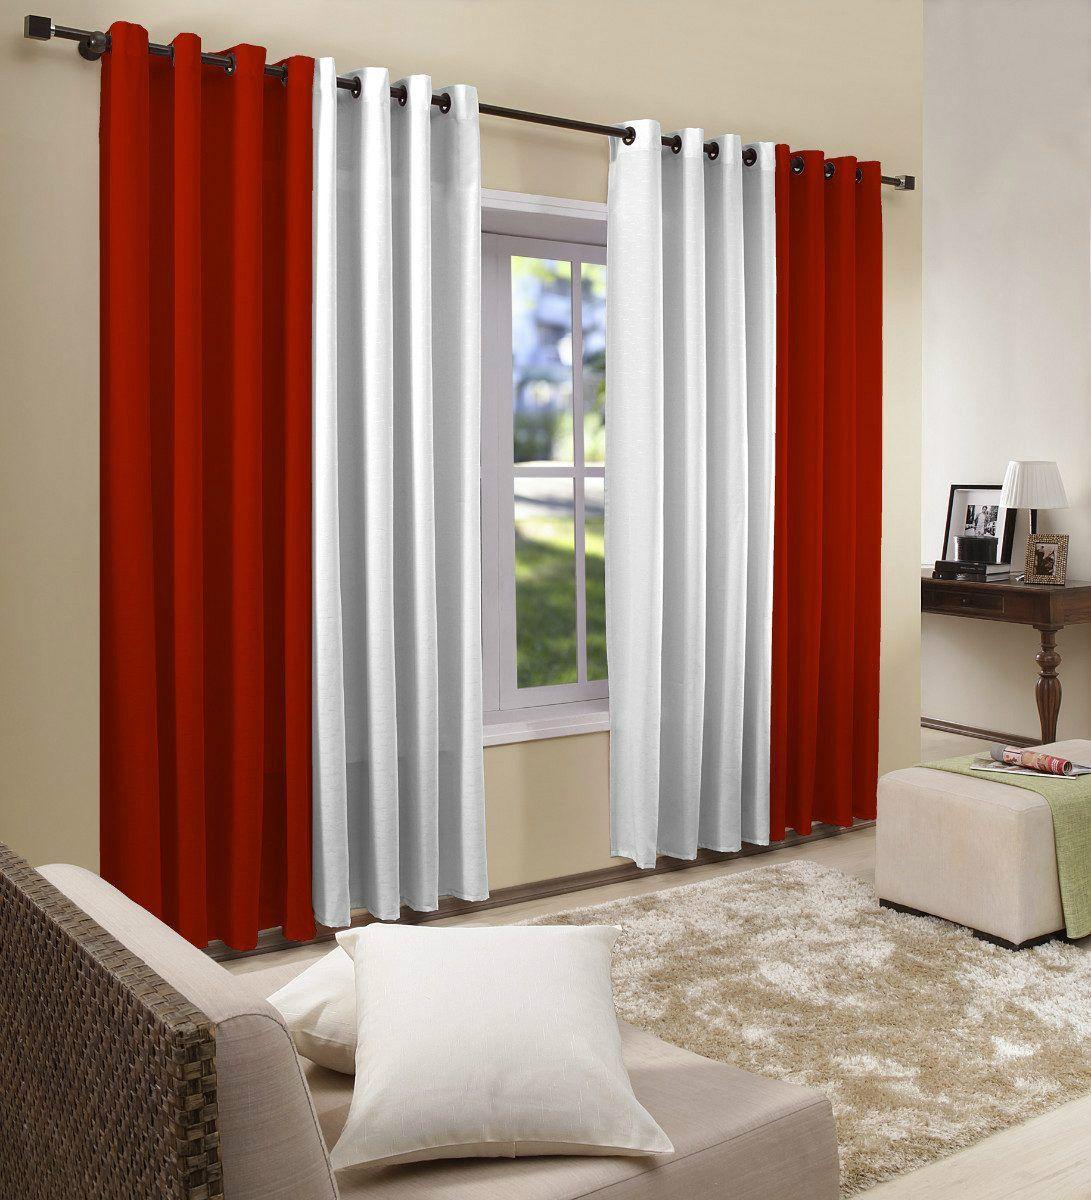 Las cortinas en la decoraci n constituyen un elemento for Decoracion cortinas